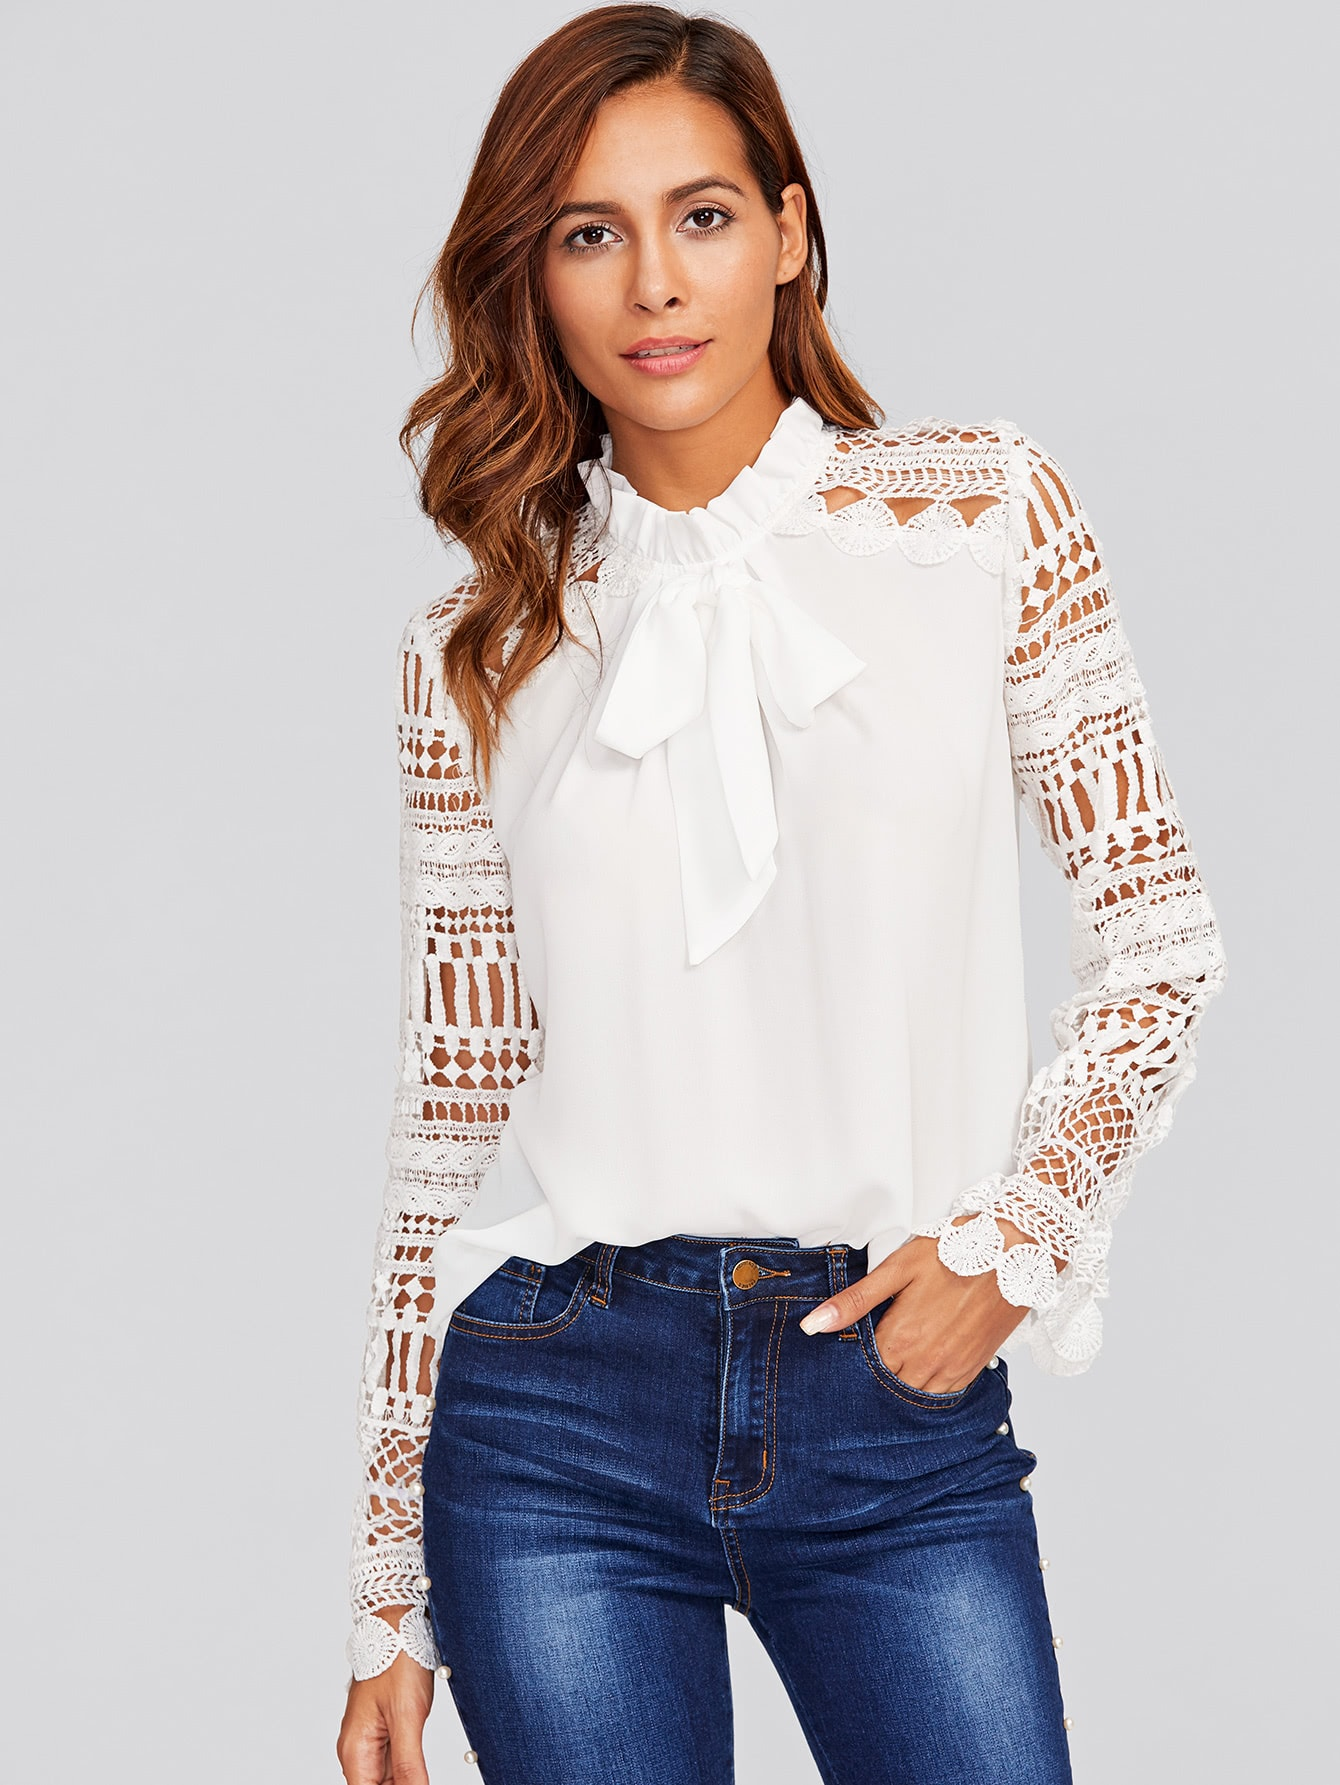 Купить Модная блуза с бантом и кружевной вставкой, Giulia, SheIn